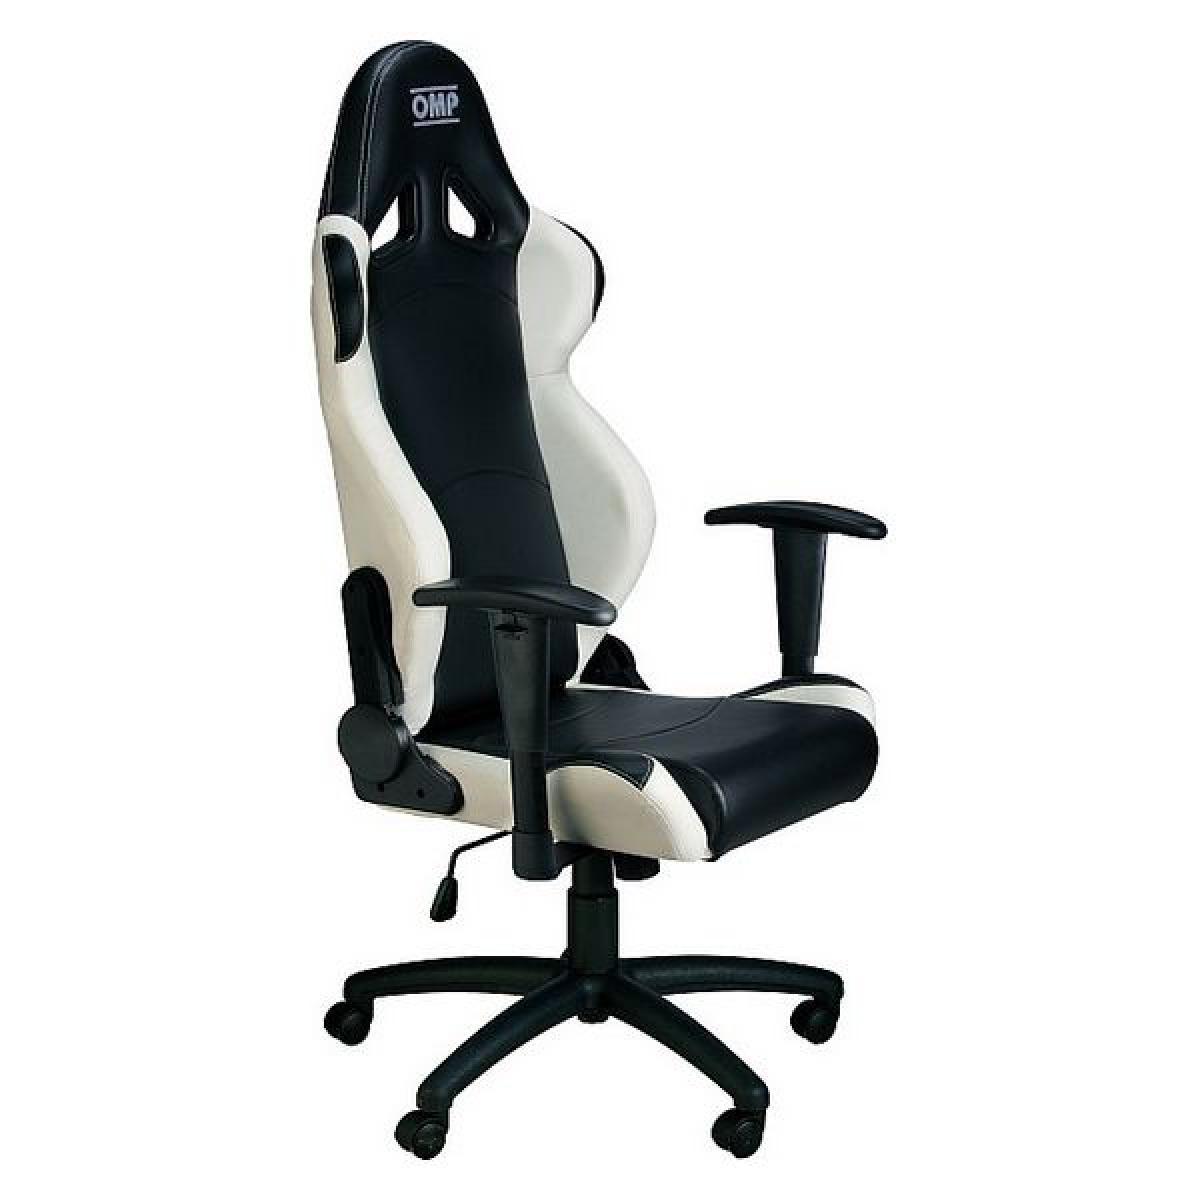 Omp Chaise de jeu OMP MY2016 Noir/Blanc